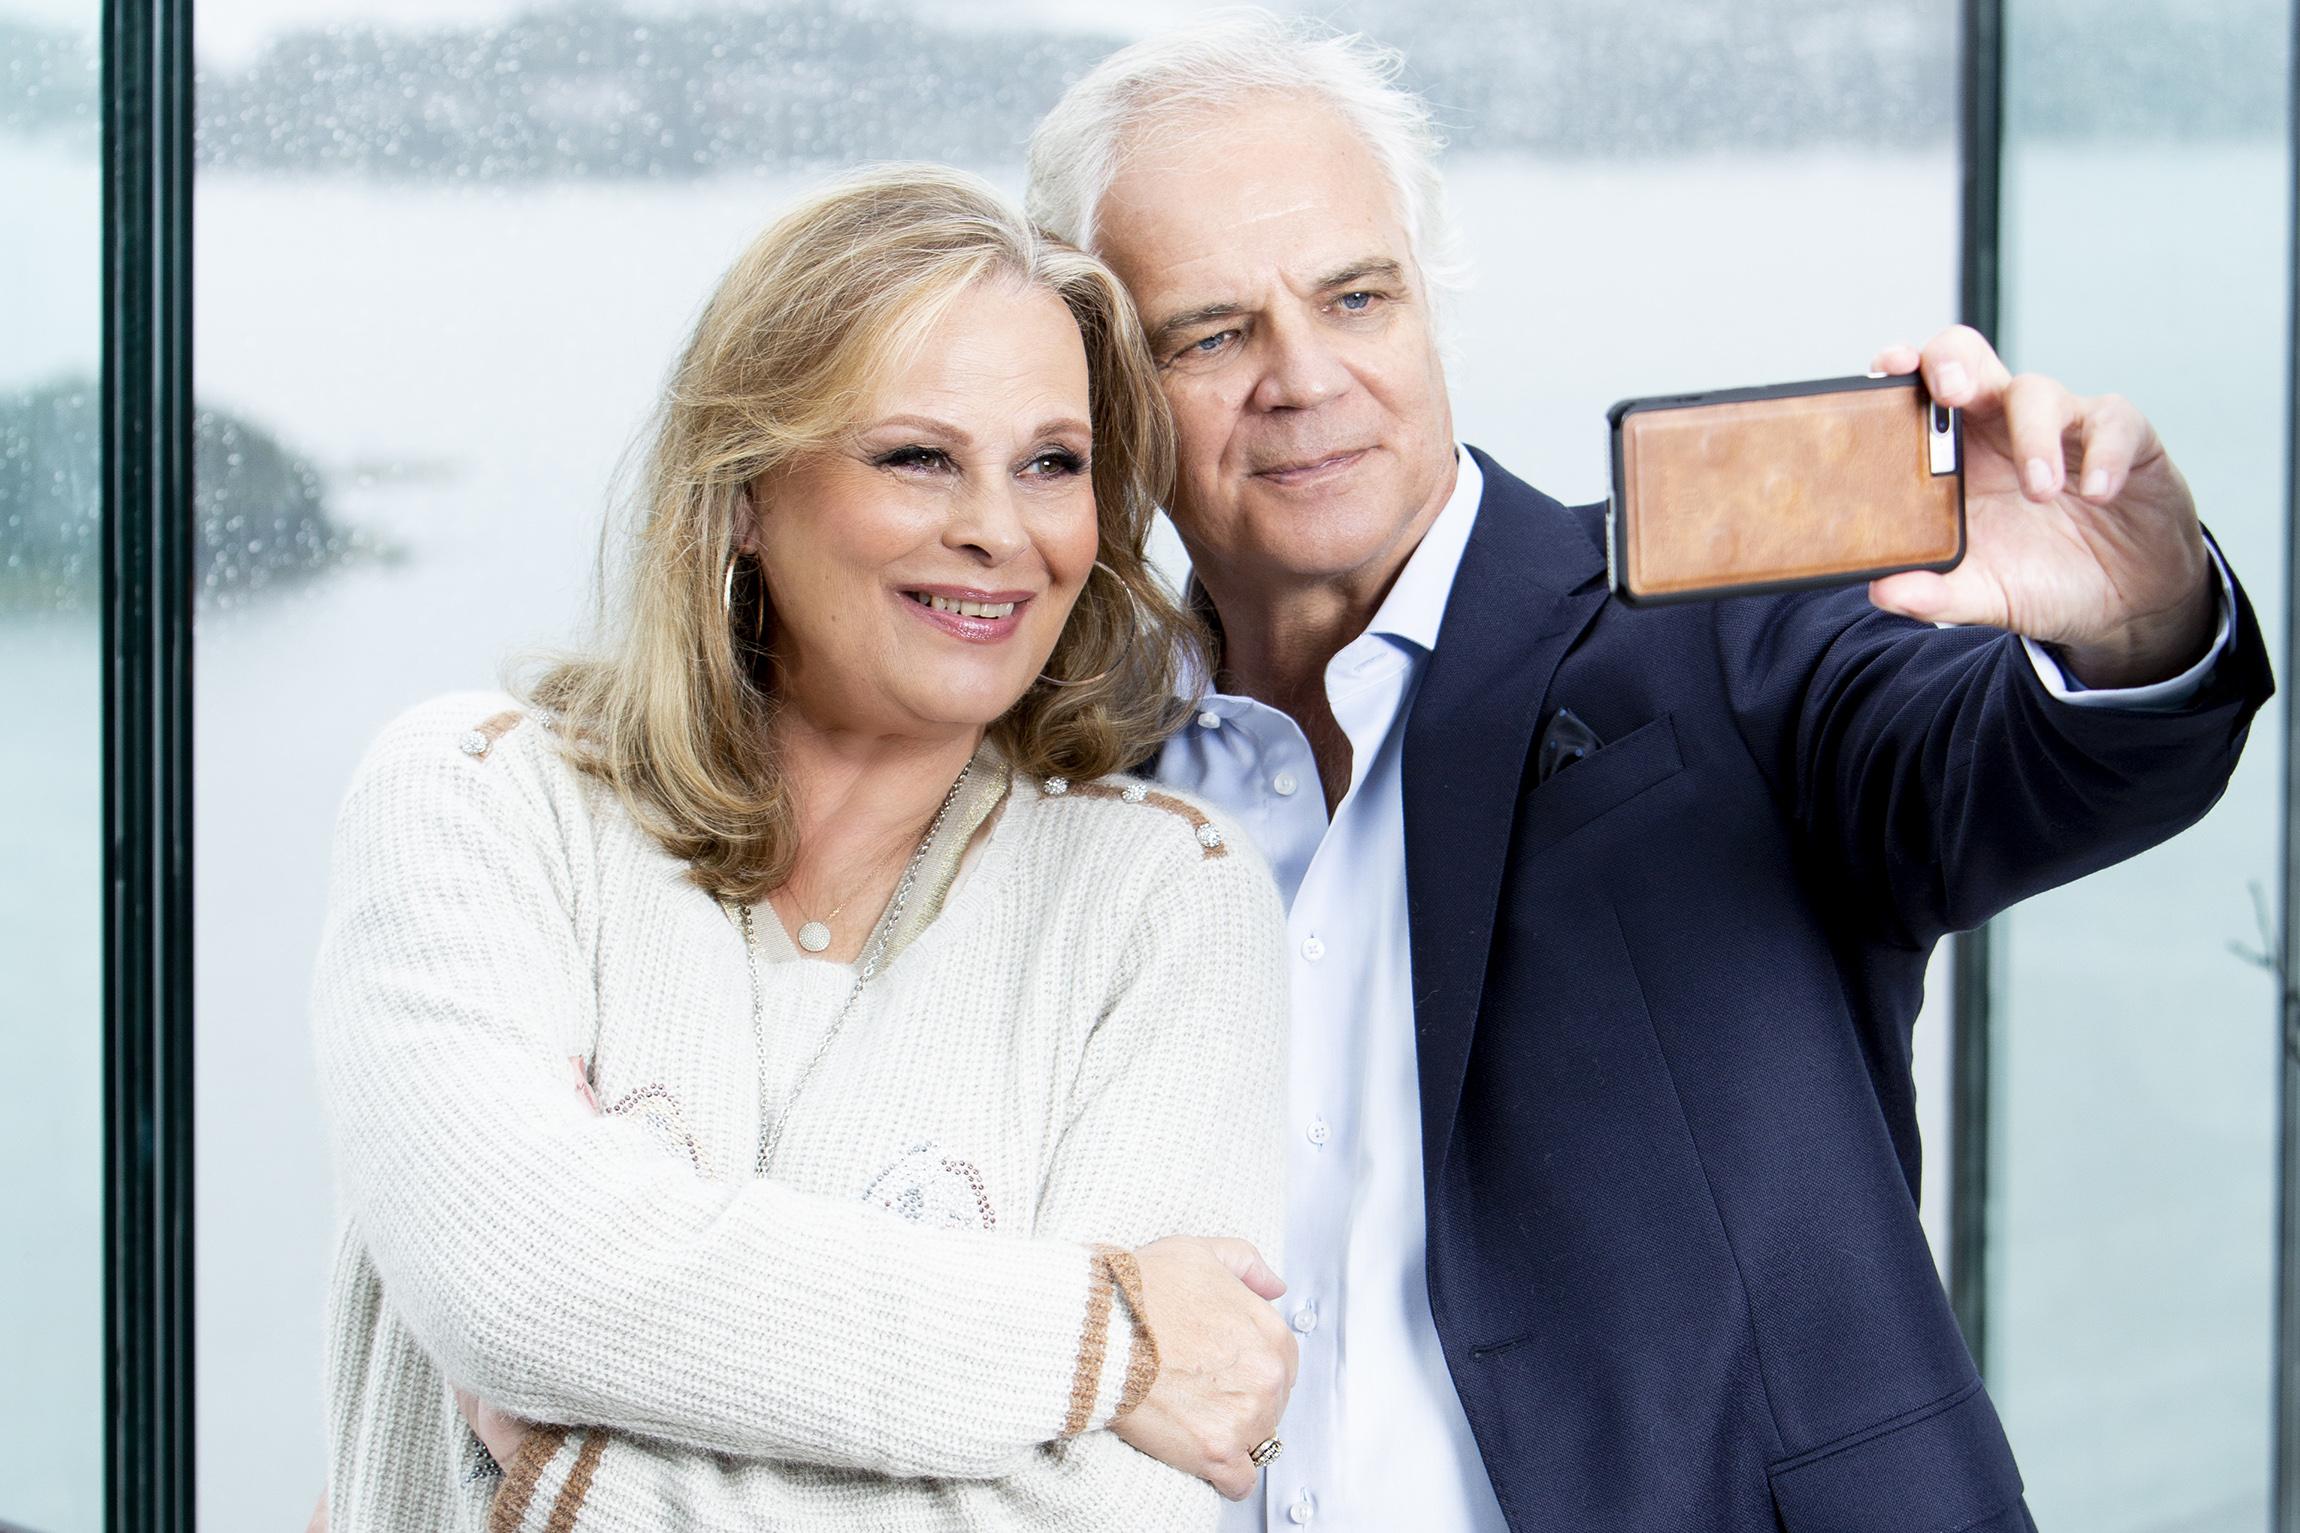 """Olen huono ostamaan lahjoja, mutta yritän kertoa Annelle usein sen, että rakastan häntä"""", Arto Hietanen tunnustaa."""